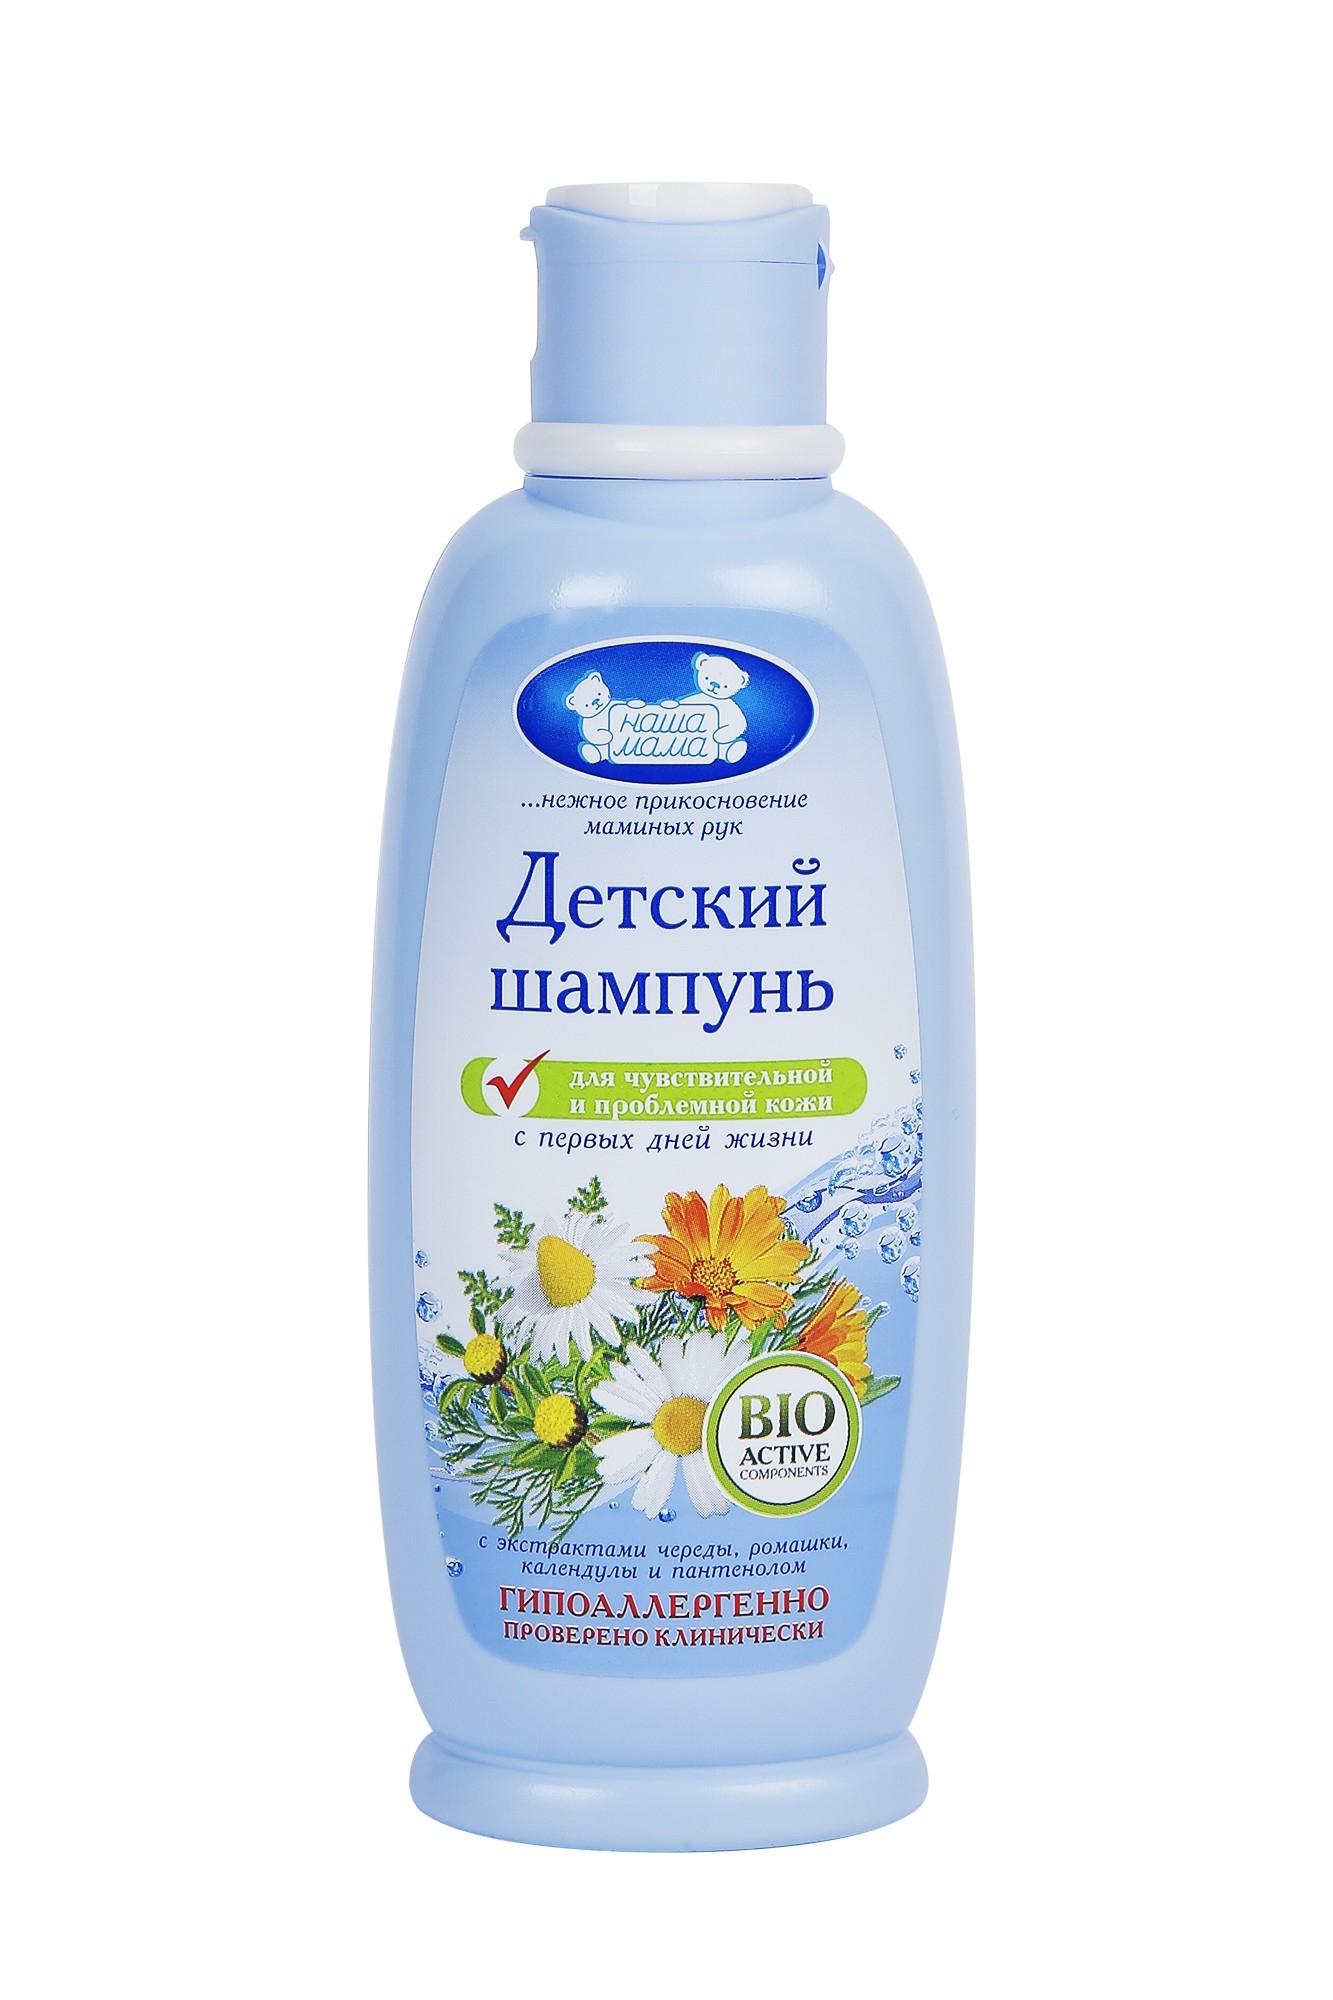 Шампуни и бальзамы Наша Мама Для чувствительной кожи наша мама пена для ванны для чувствительной кожи 300 мл наша мама